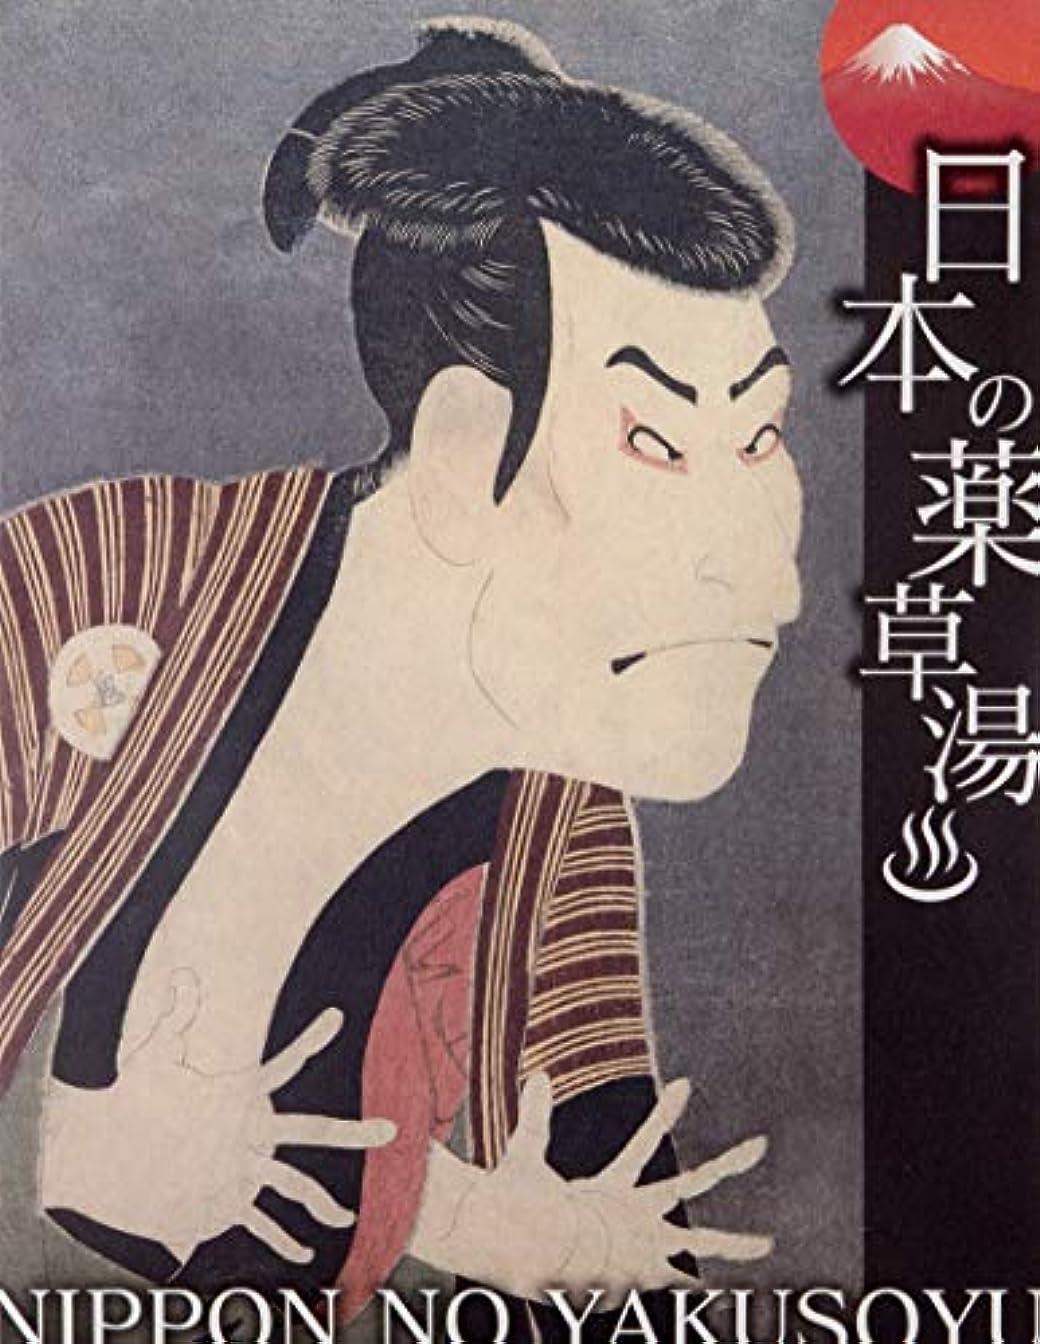 一握りイーウェルロバ日本の薬草湯 三代目大谷鬼次の奴江戸兵衛